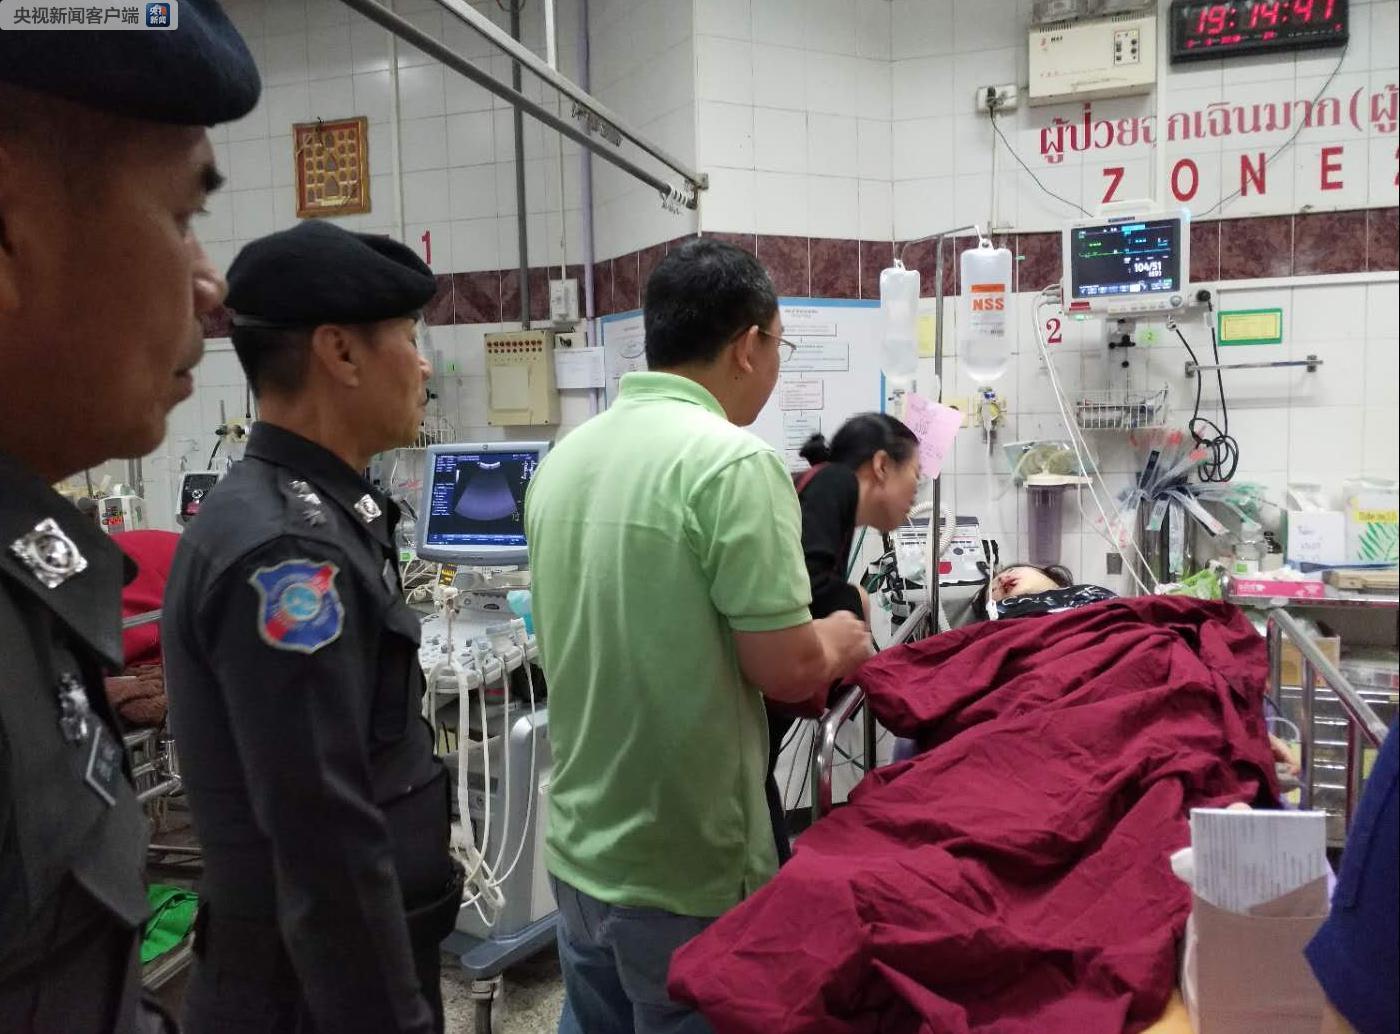 泰国一旅游中巴发生重大交通事故 9名中国游客受伤多人伤势较重